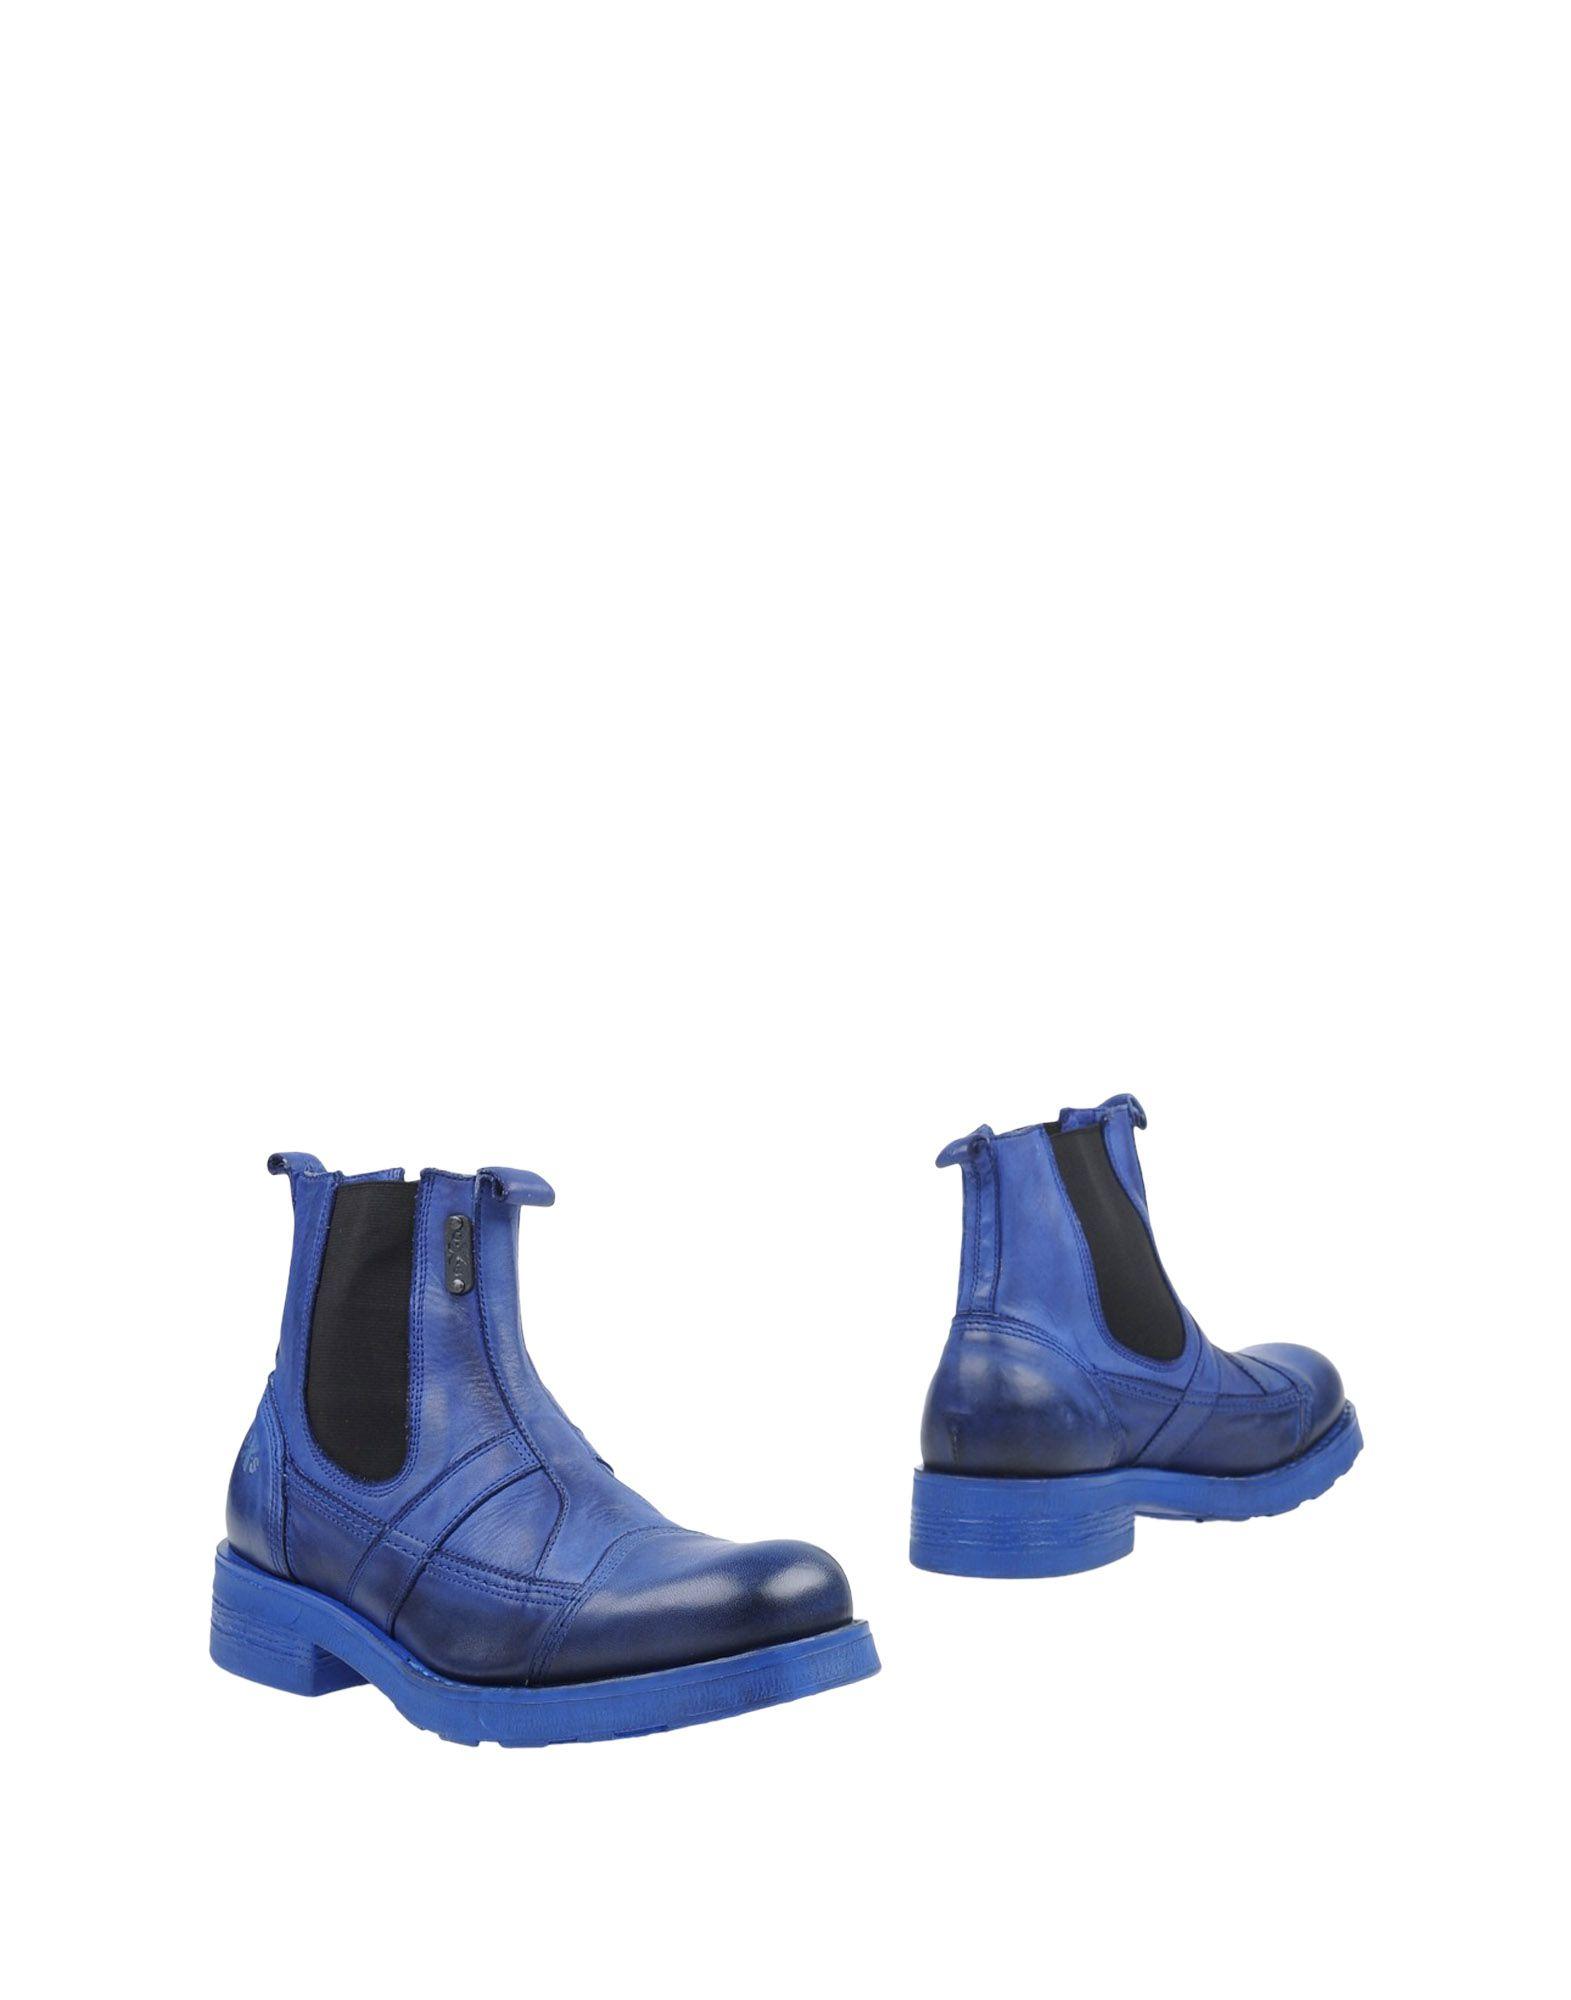 O.X.S. Полусапоги и высокие ботинки купить футбольную форму челси торрес